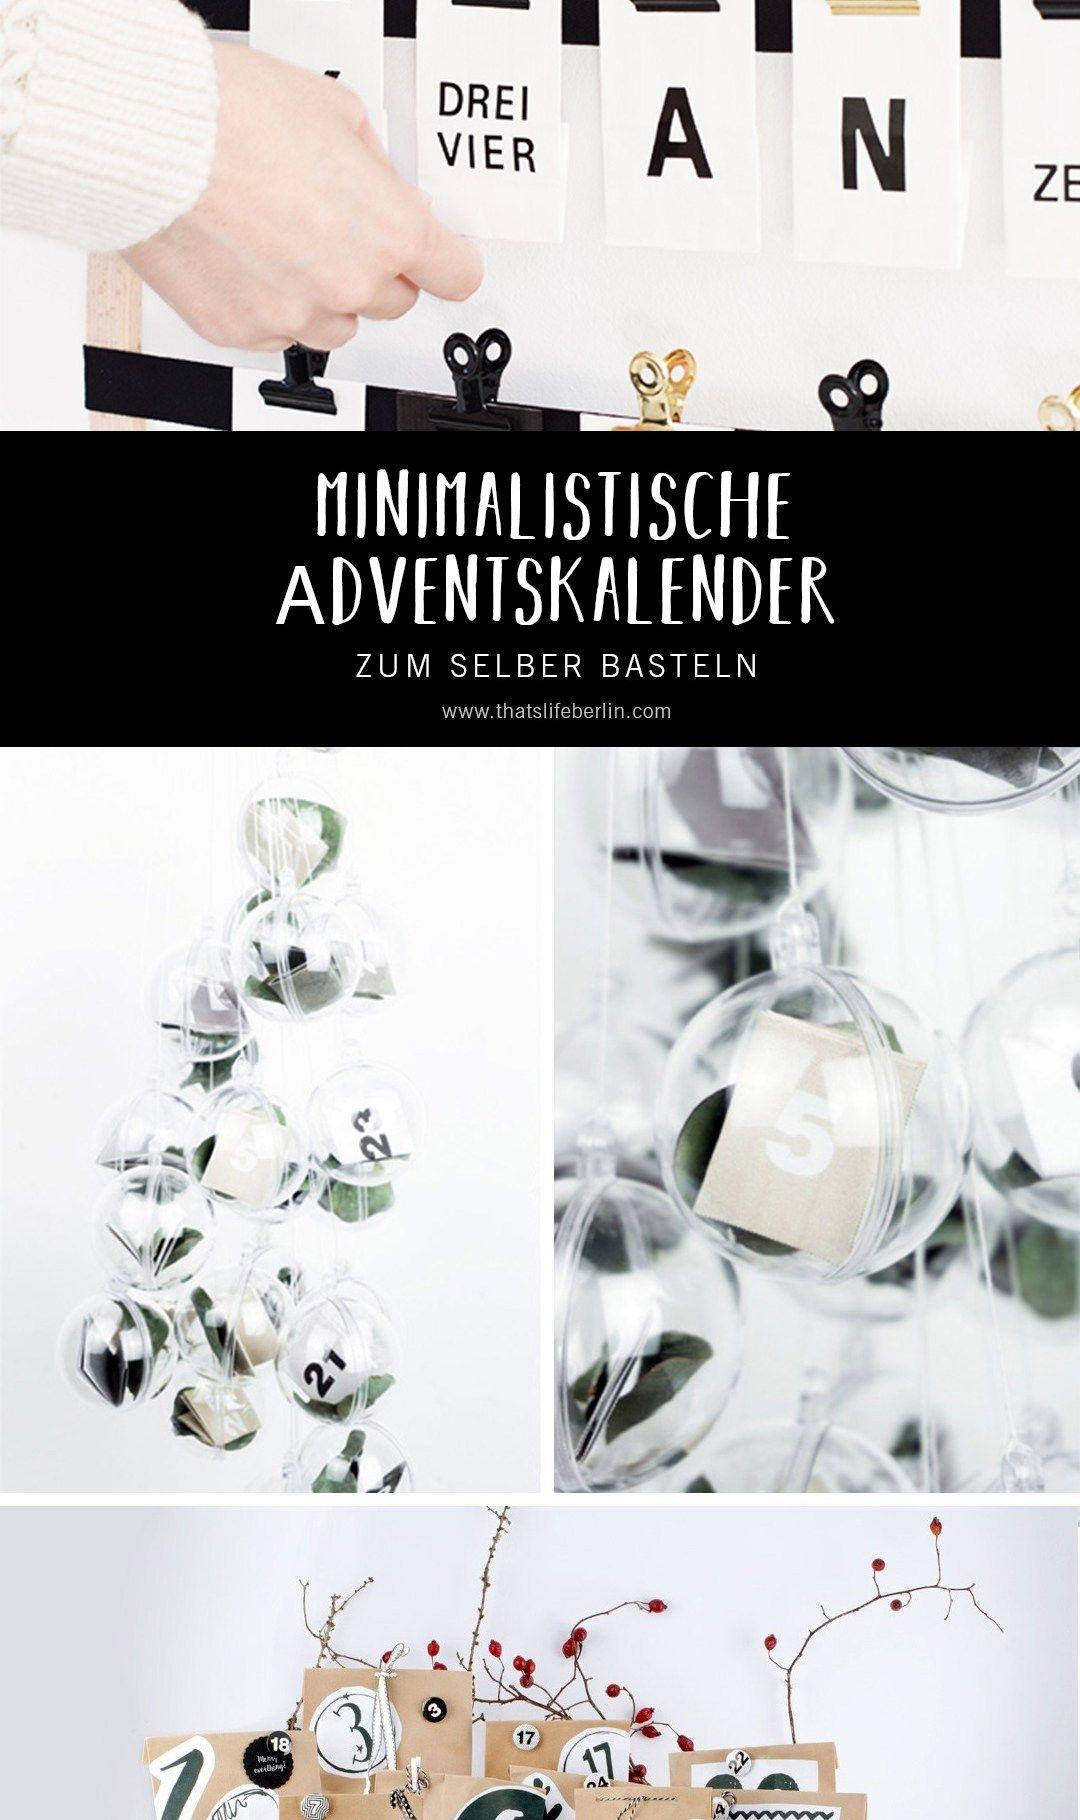 6 Minimalistische Adventskalender Zum Selber Basteln